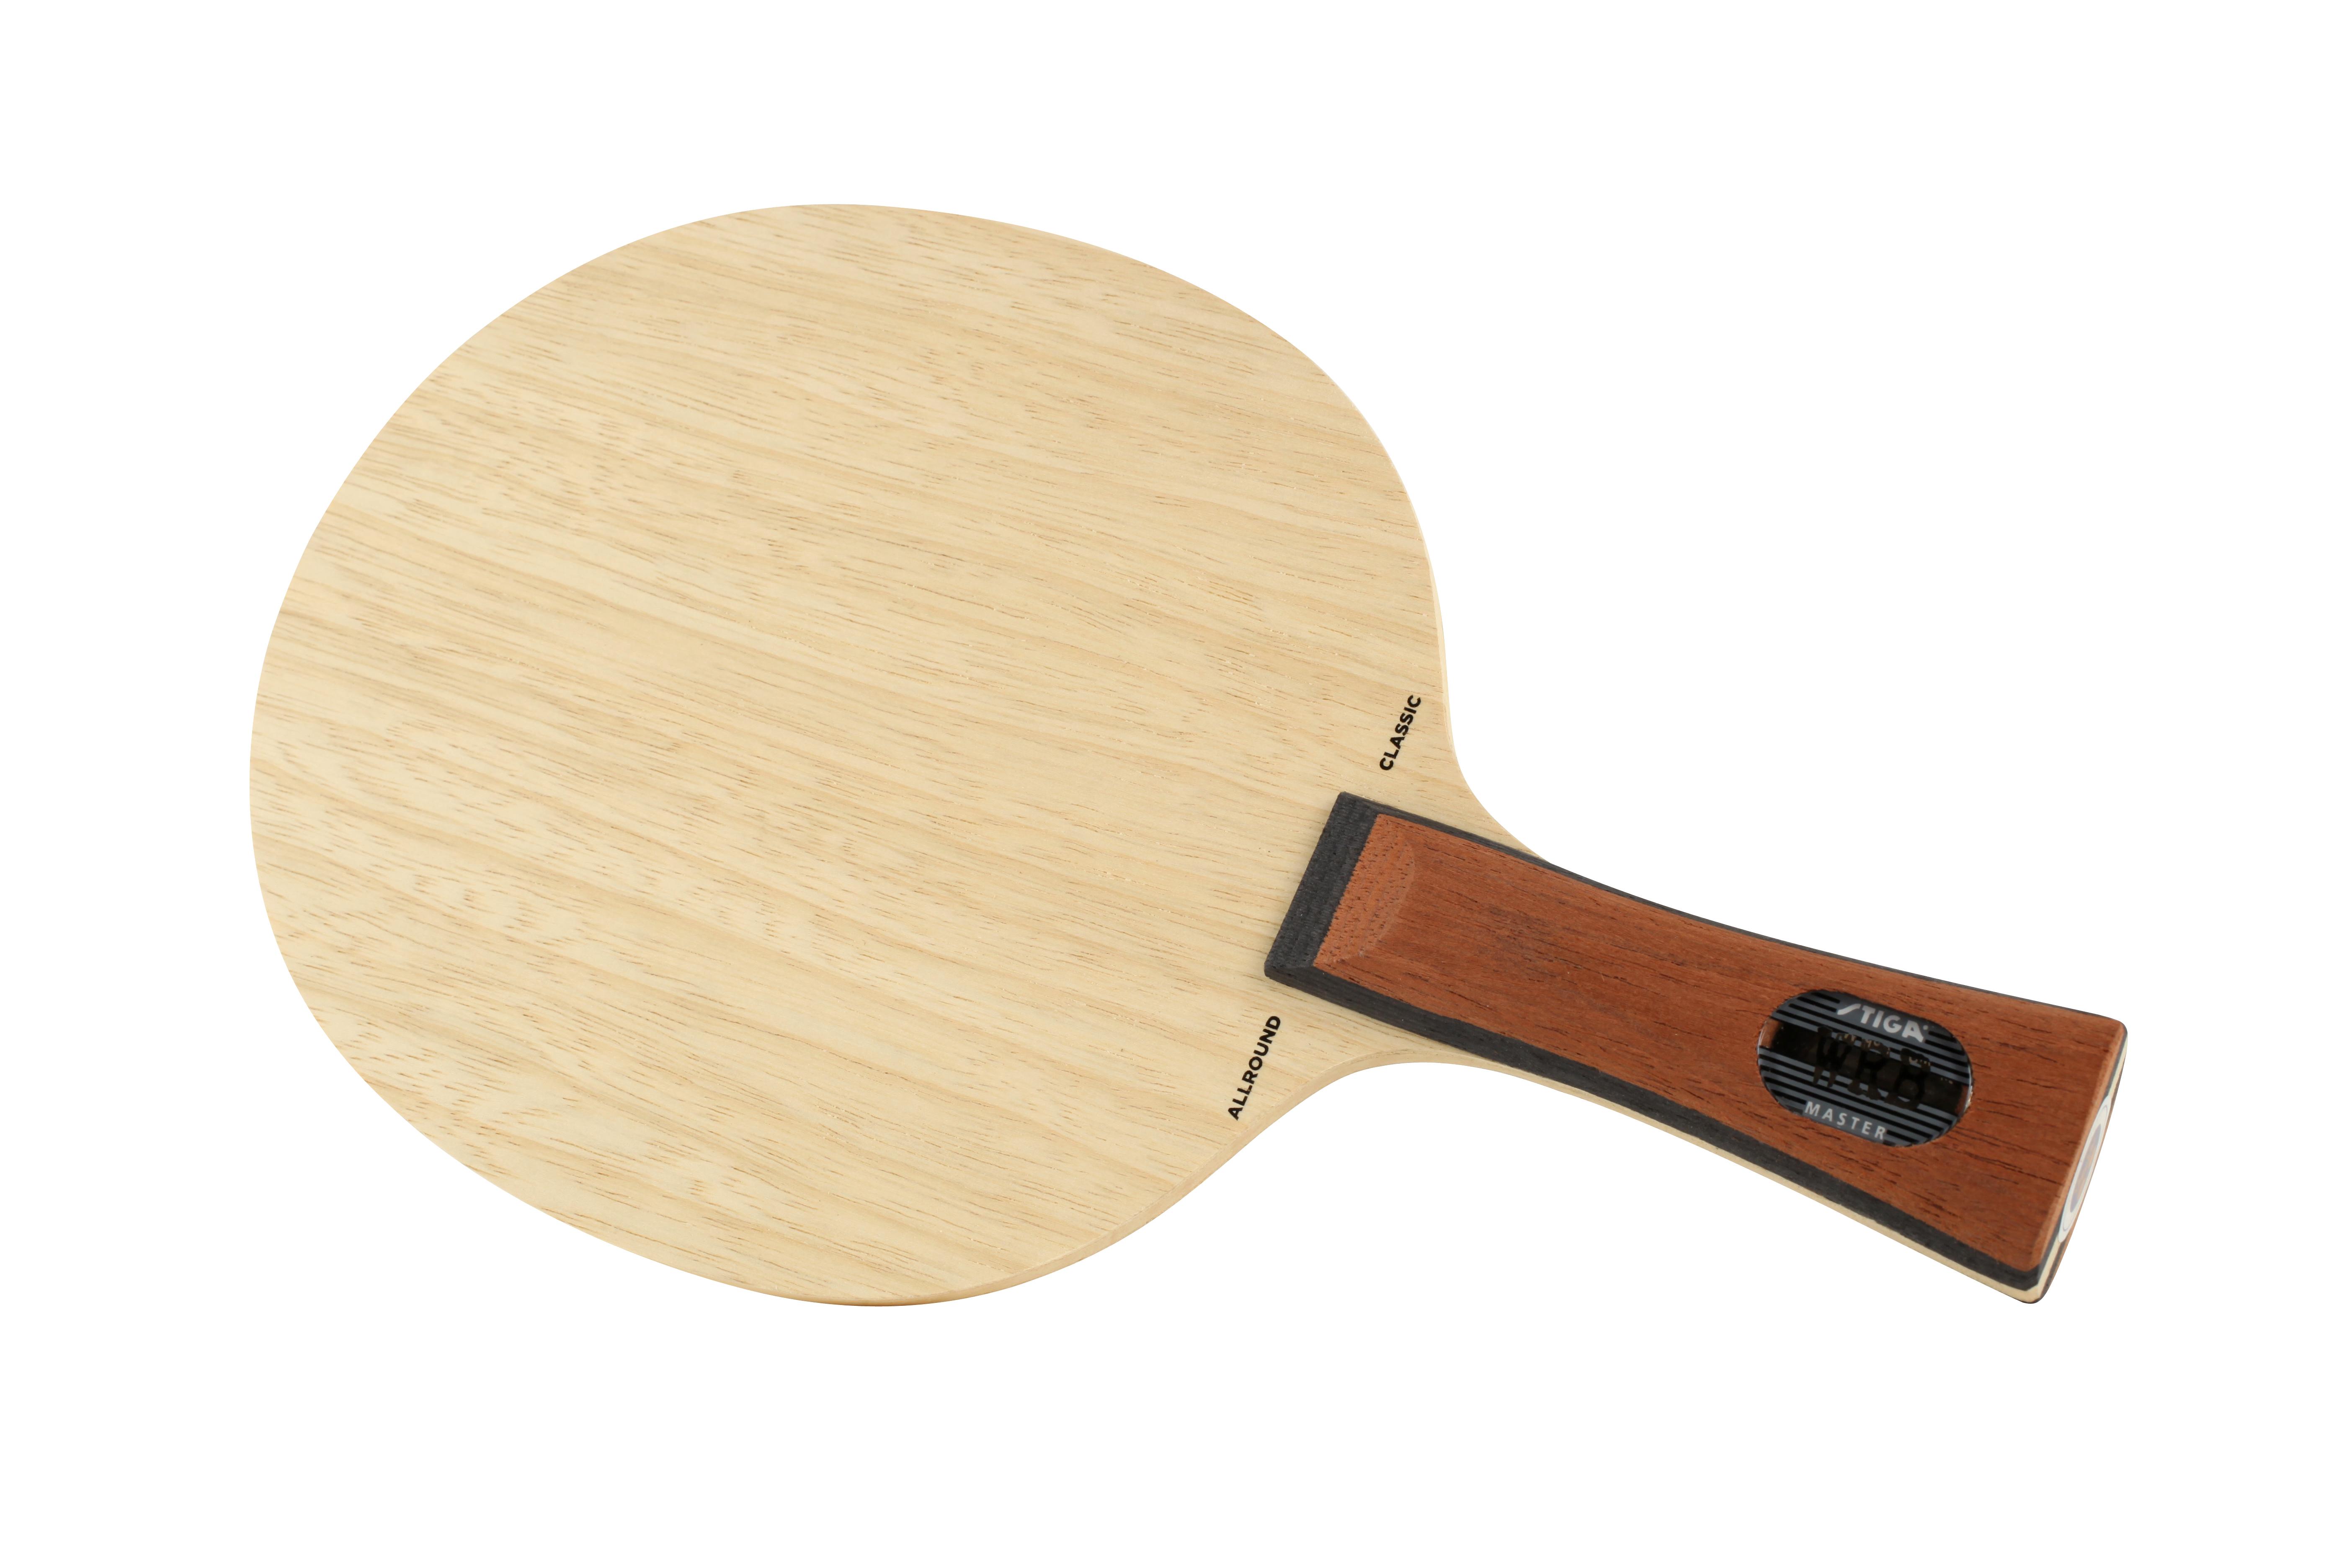 stiga-allround-classic-wrb-tischtennis-holz